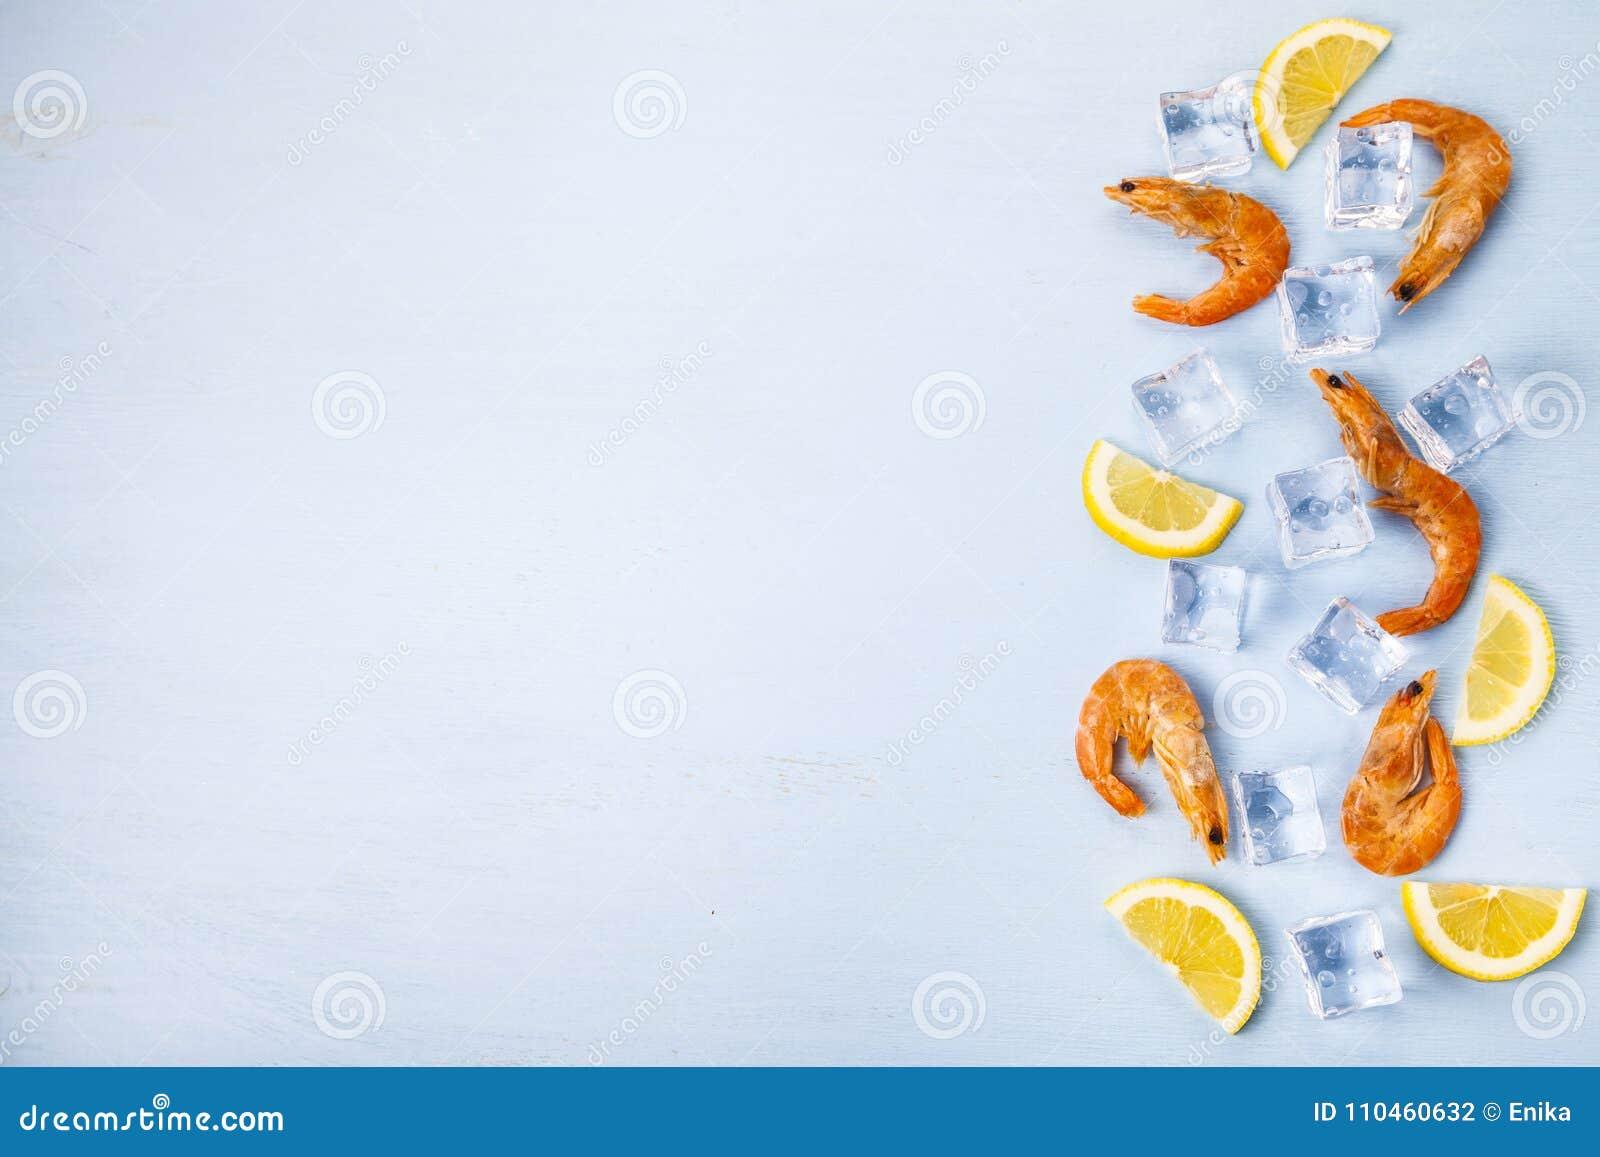 Ny räka med citronen på is